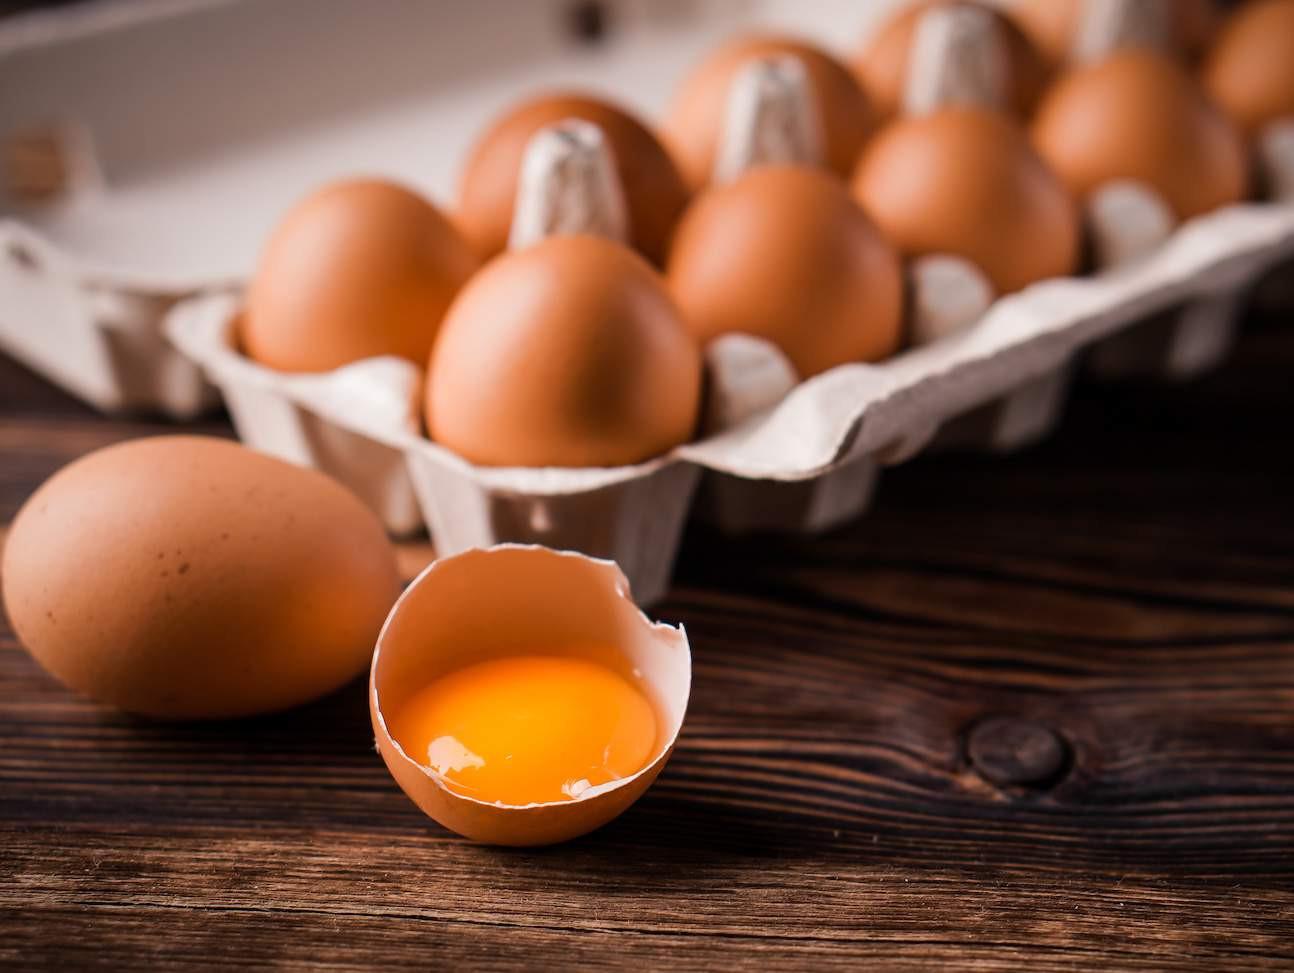 5 Dozen Organic Pasture Raised Eggs